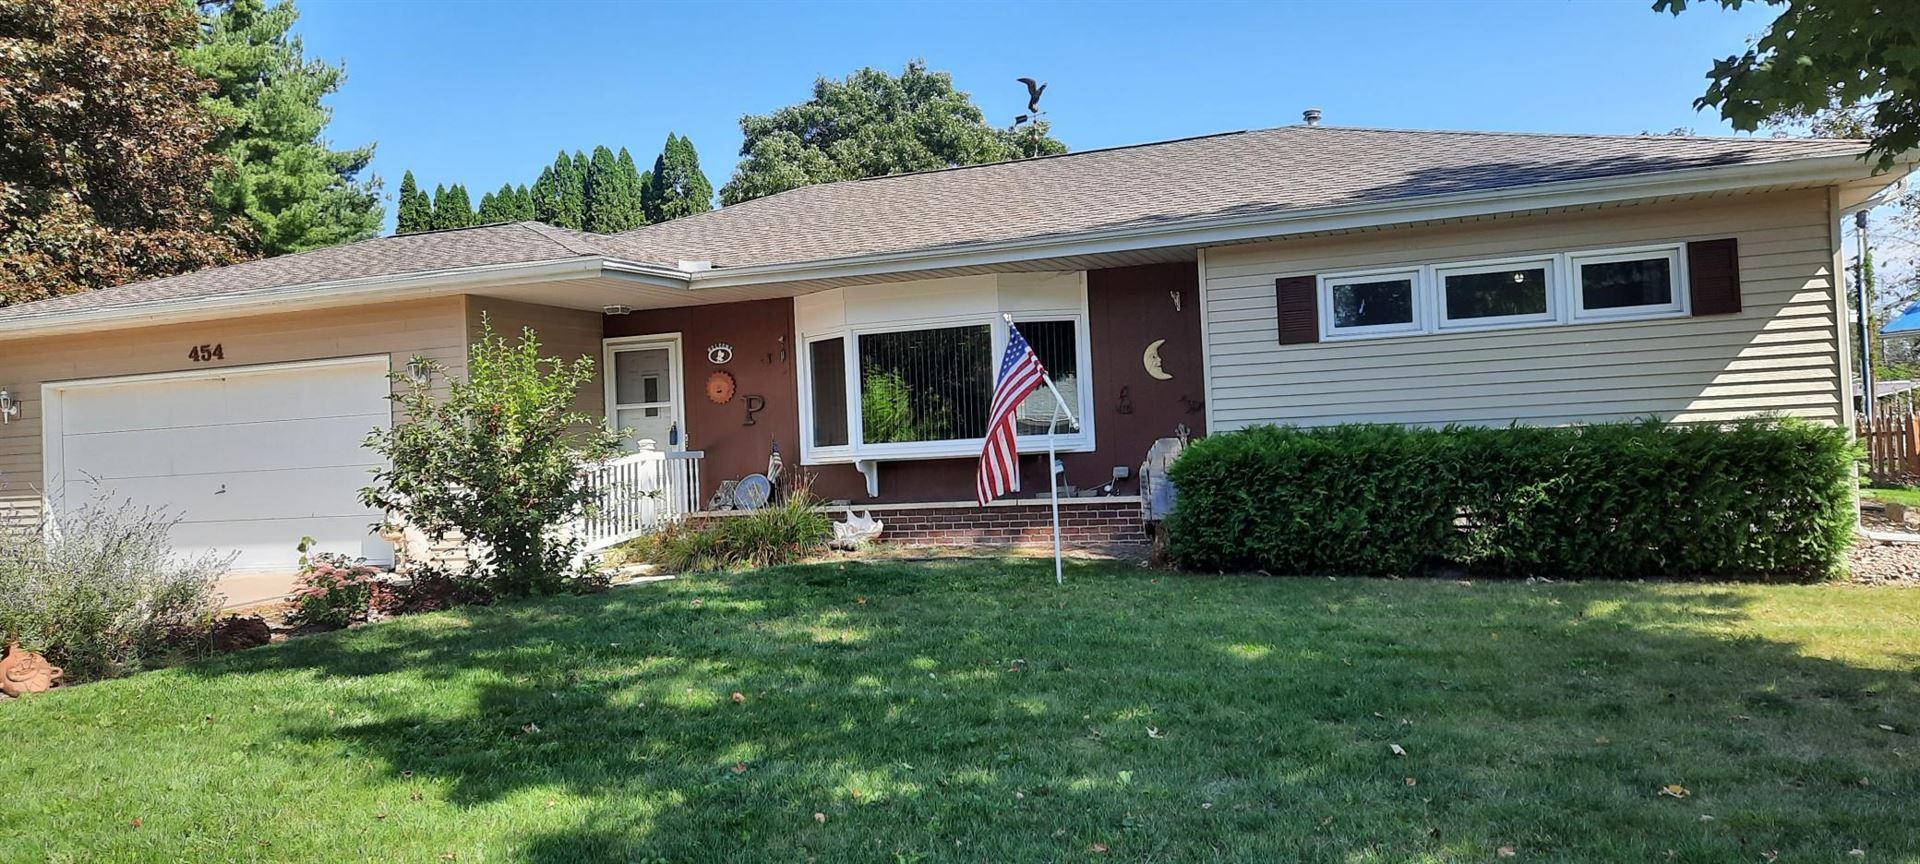 454 Glenview Drive, Winona, MN 55987 - MLS#: 6101258